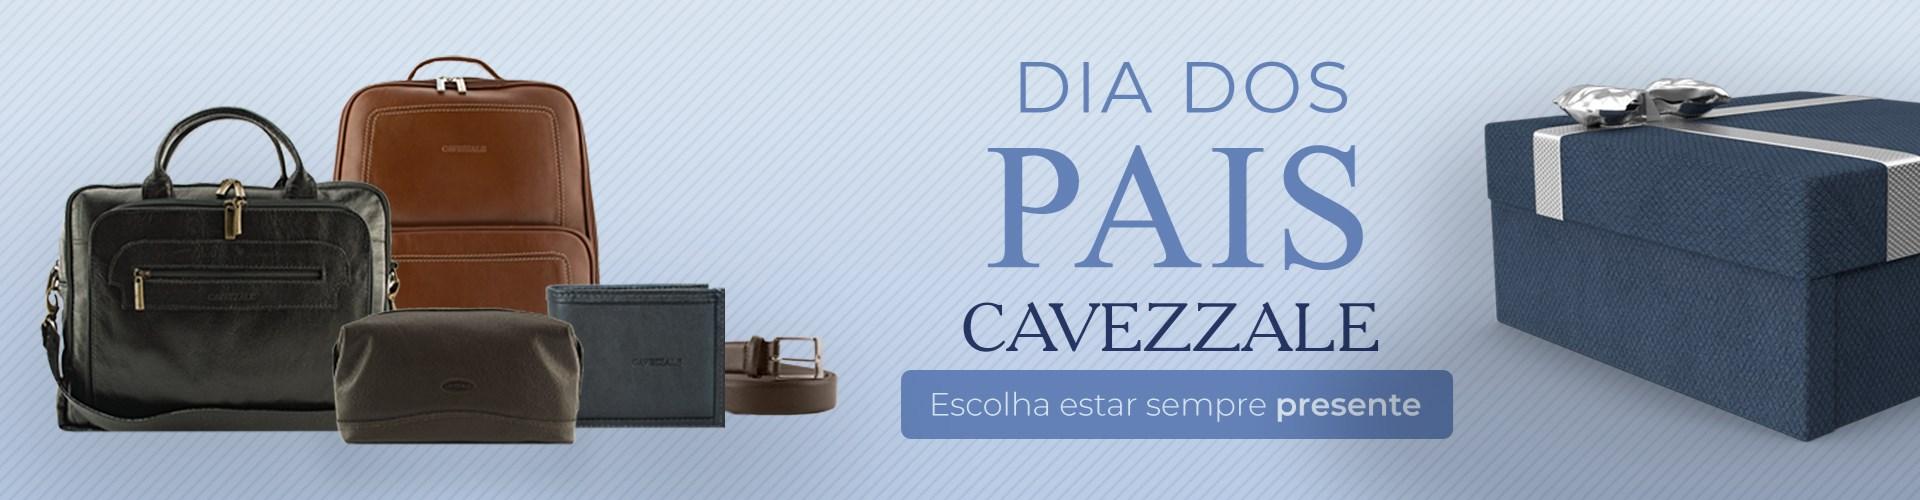 Dia dos Pais é na Cavezzale!